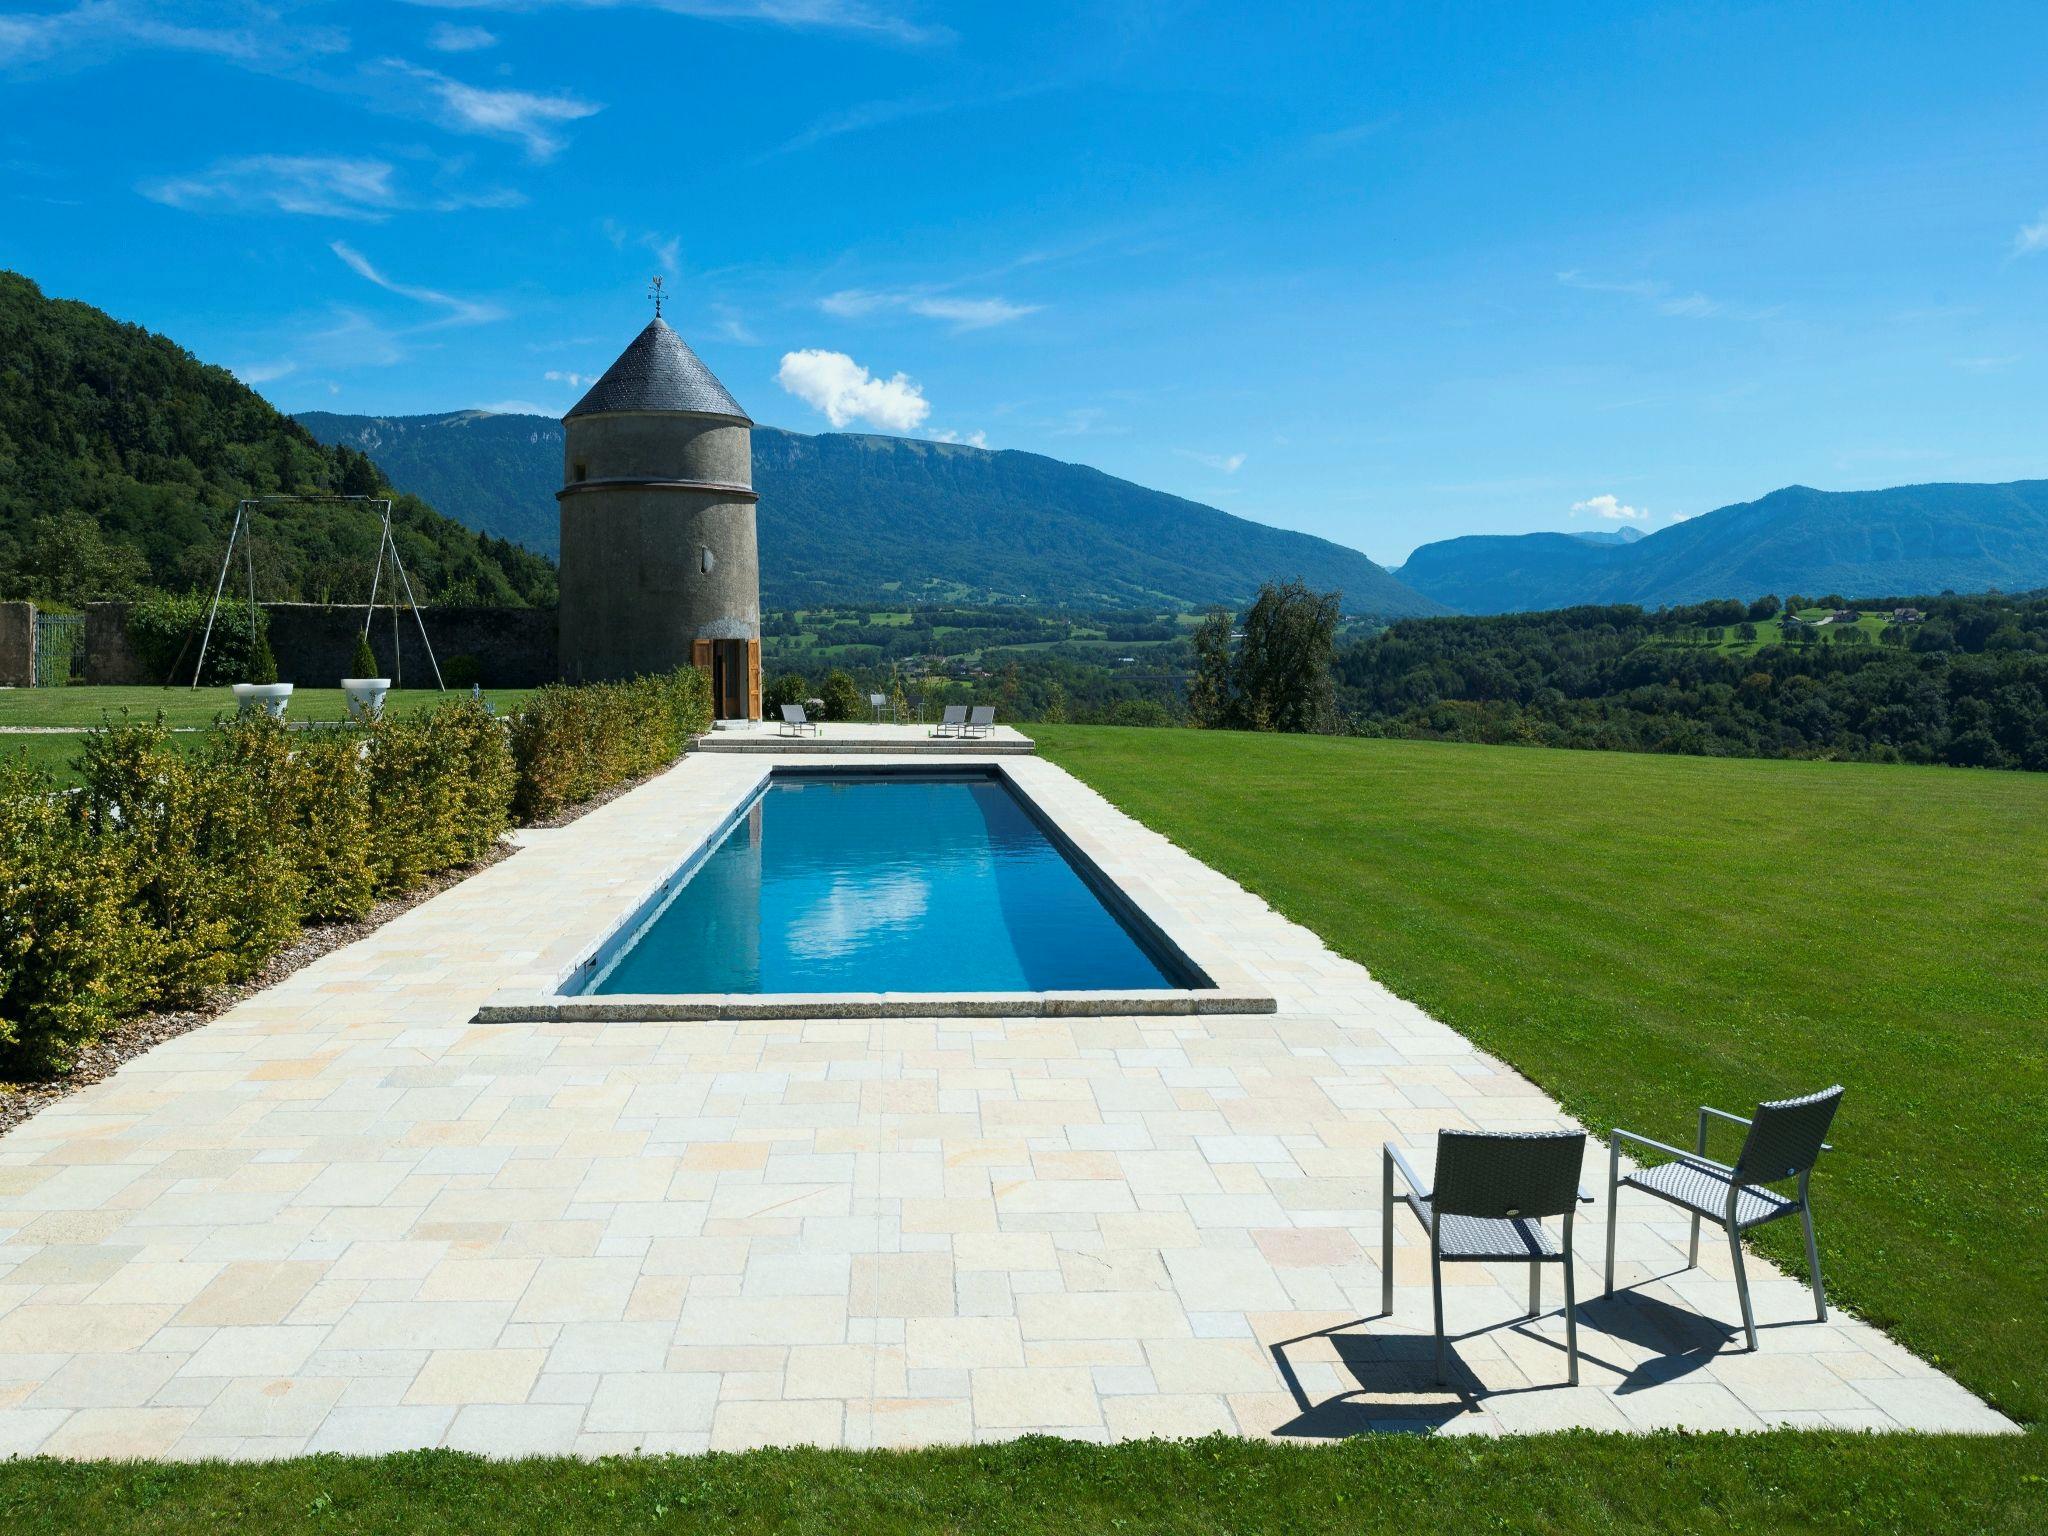 Bassin Jardin Moderne Beau Collection Piscine Jardin Luxe Accessoire Serre De Jardin Aussi Cool Moderne